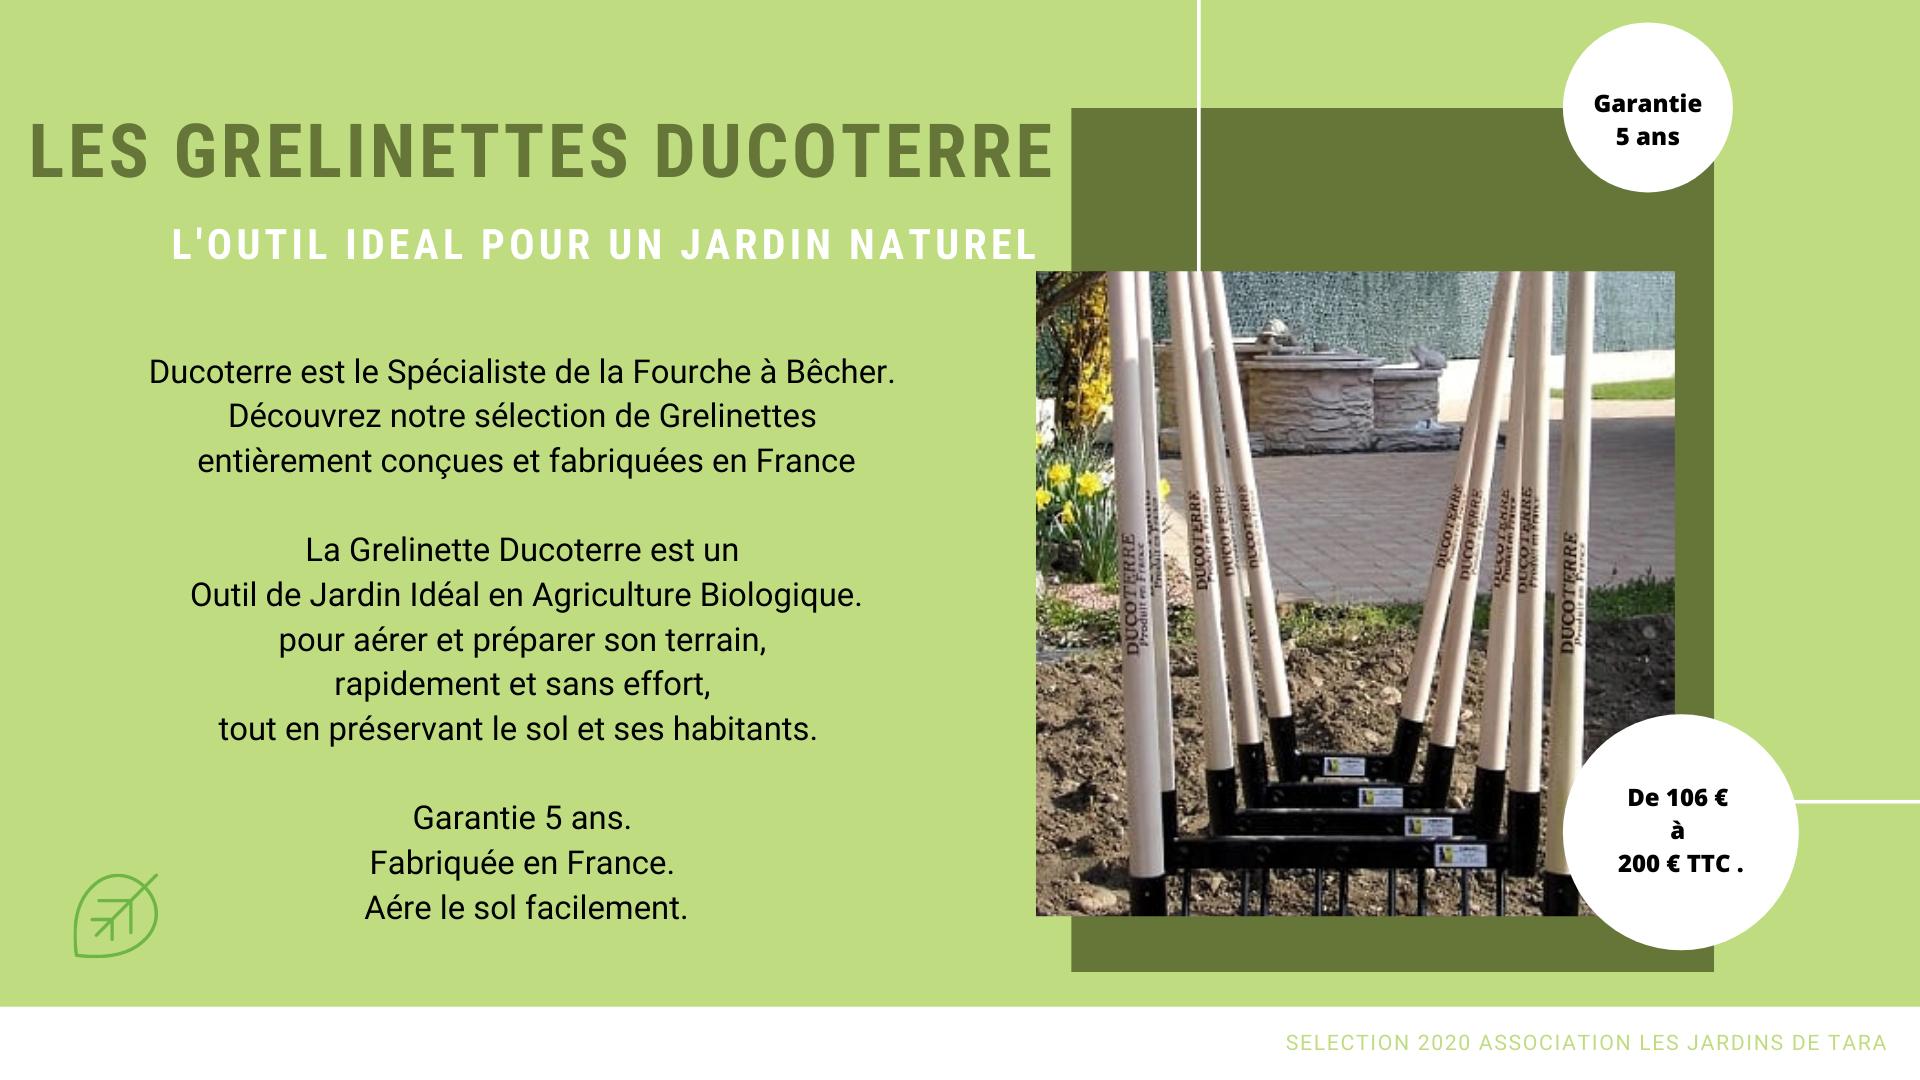 Grelinettes Ducoterre